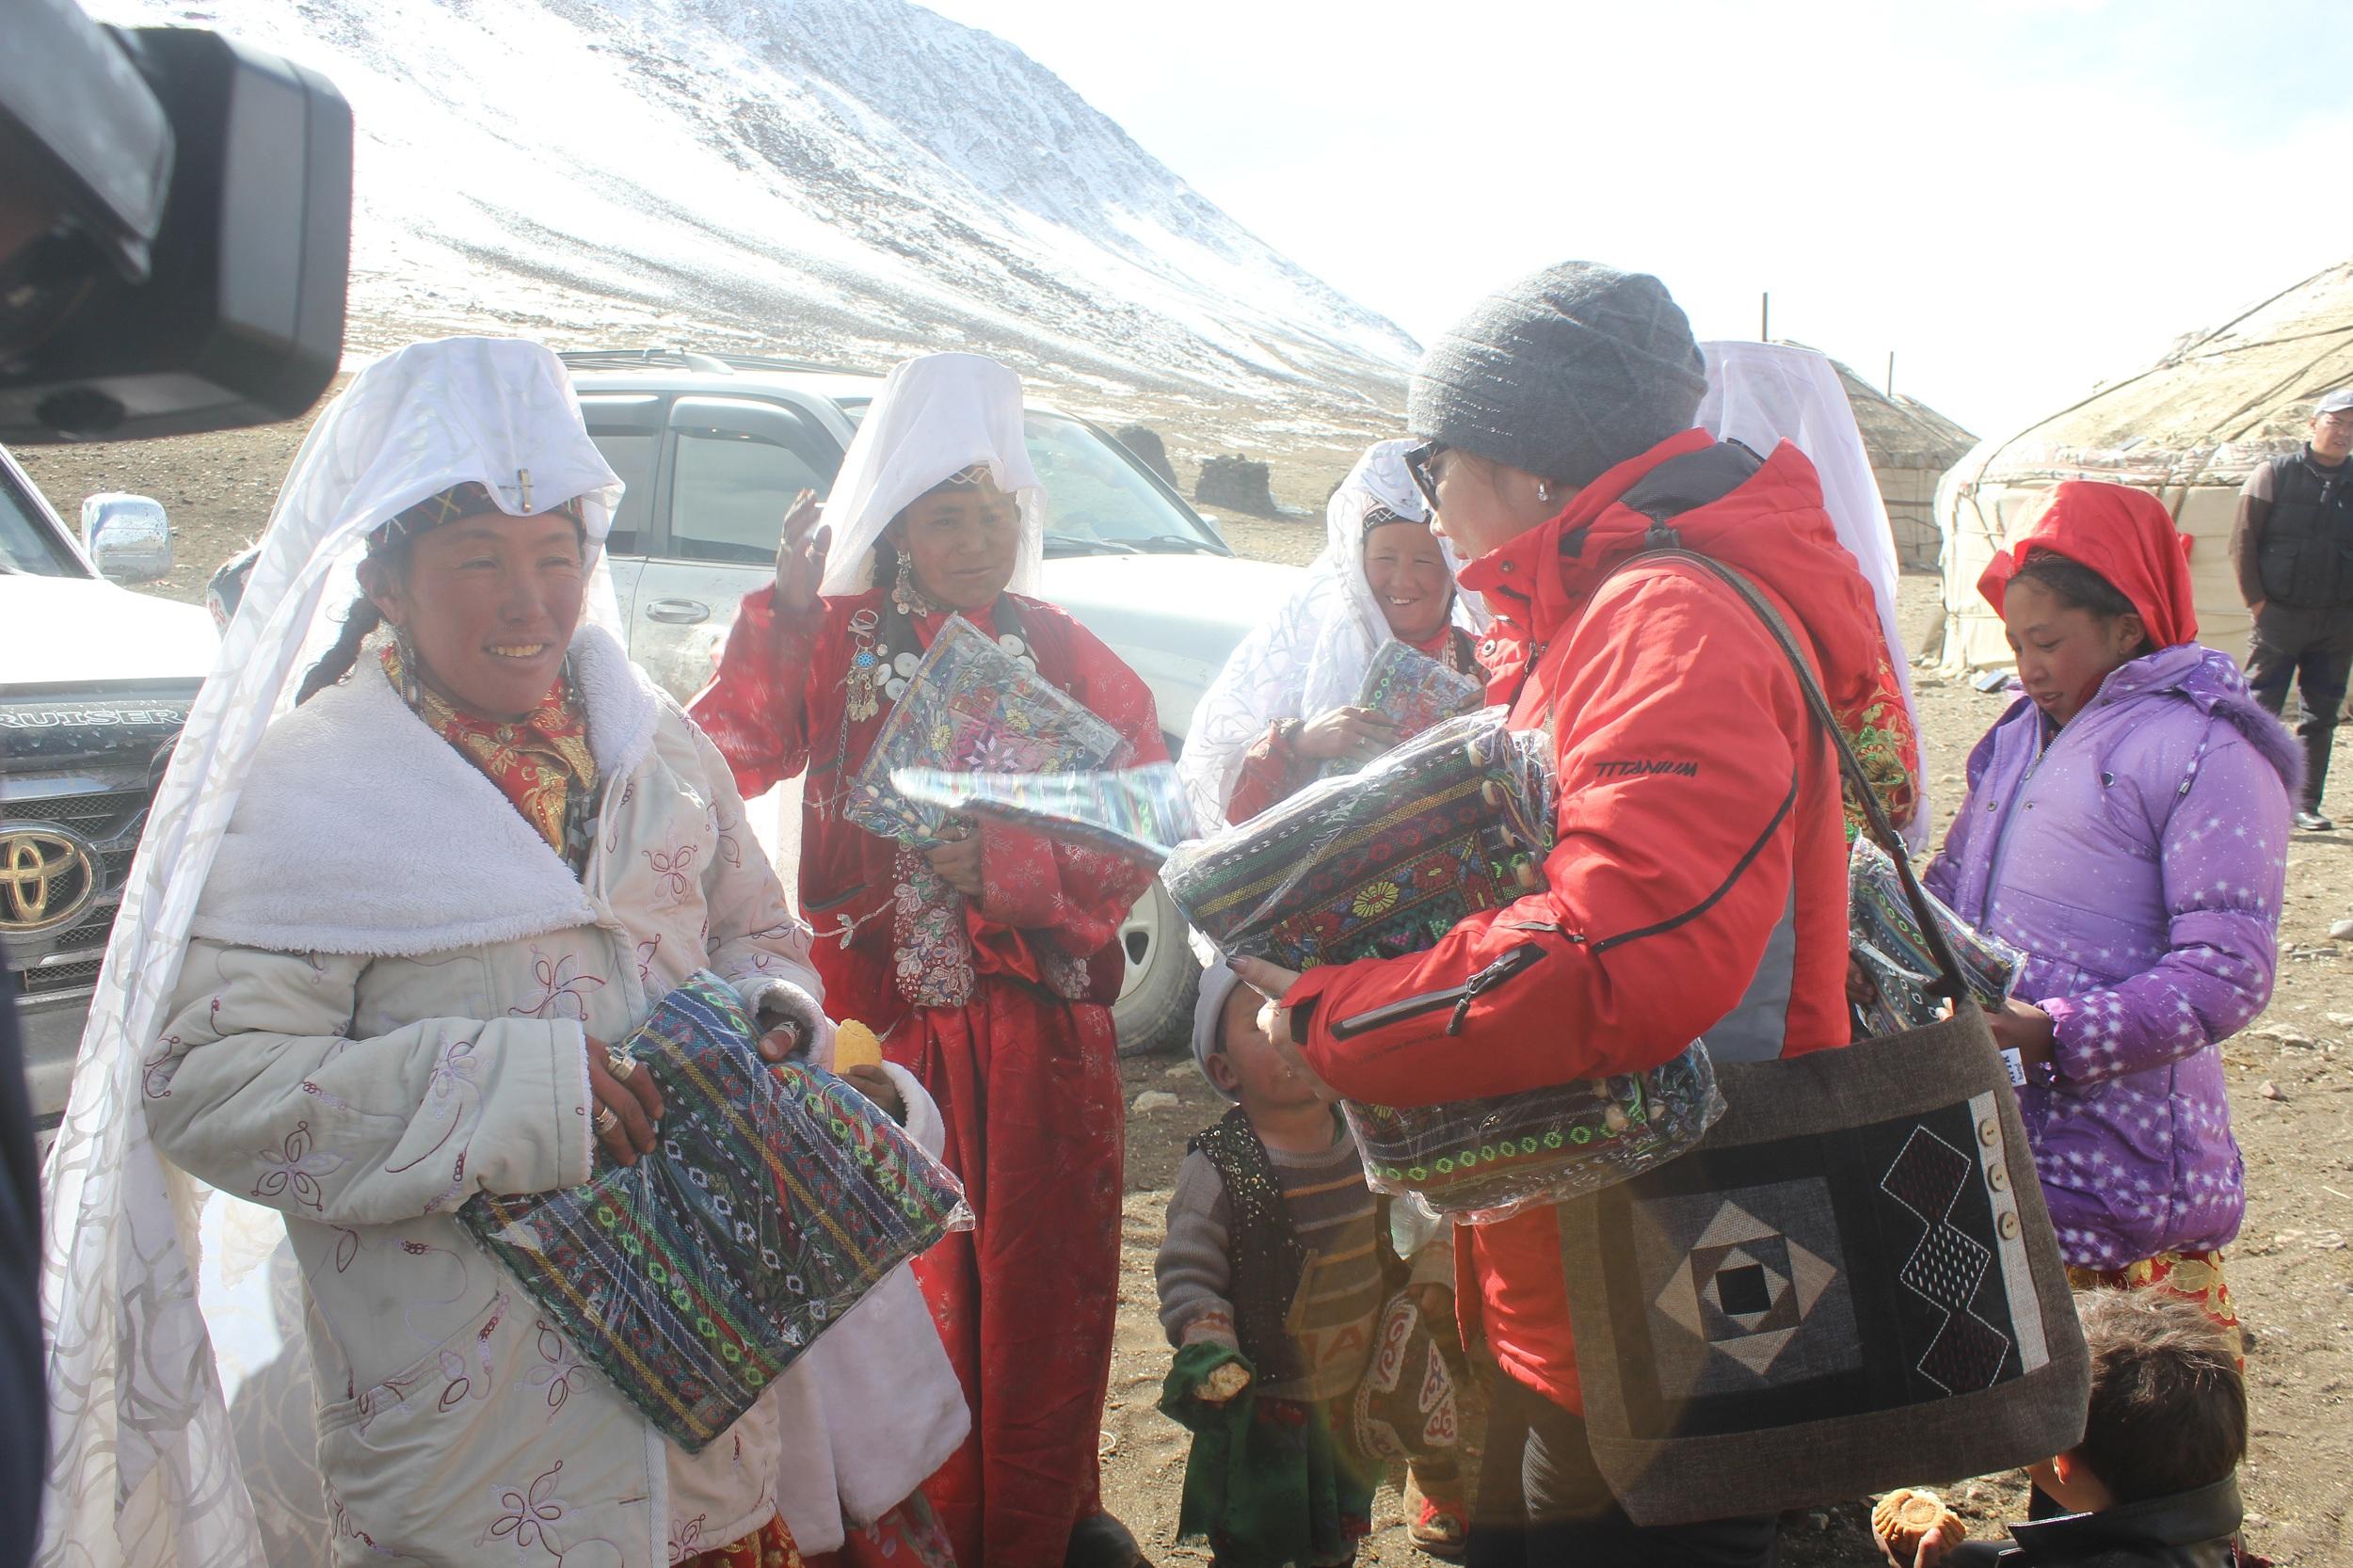 Өкмөт памирлик кыргыздарга 5 млн сомдук гуманитардык жардам көрсөттү — фото